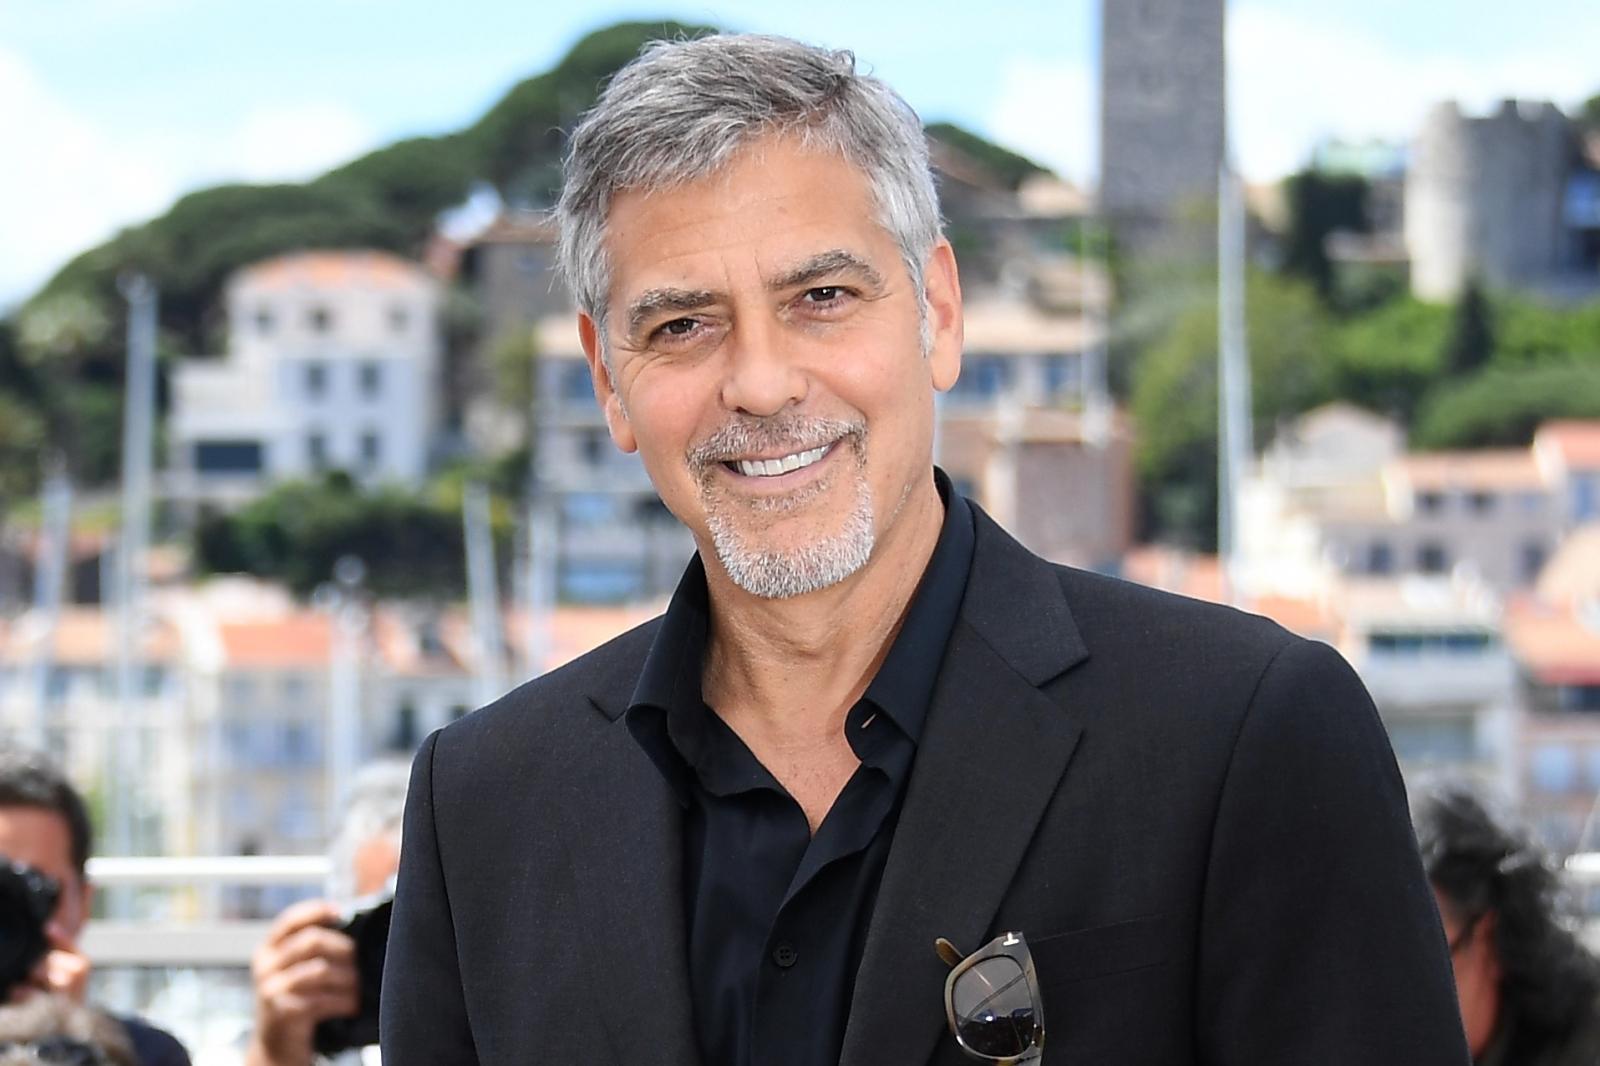 Џорџ Клуни го има најсовршеното лице на светот